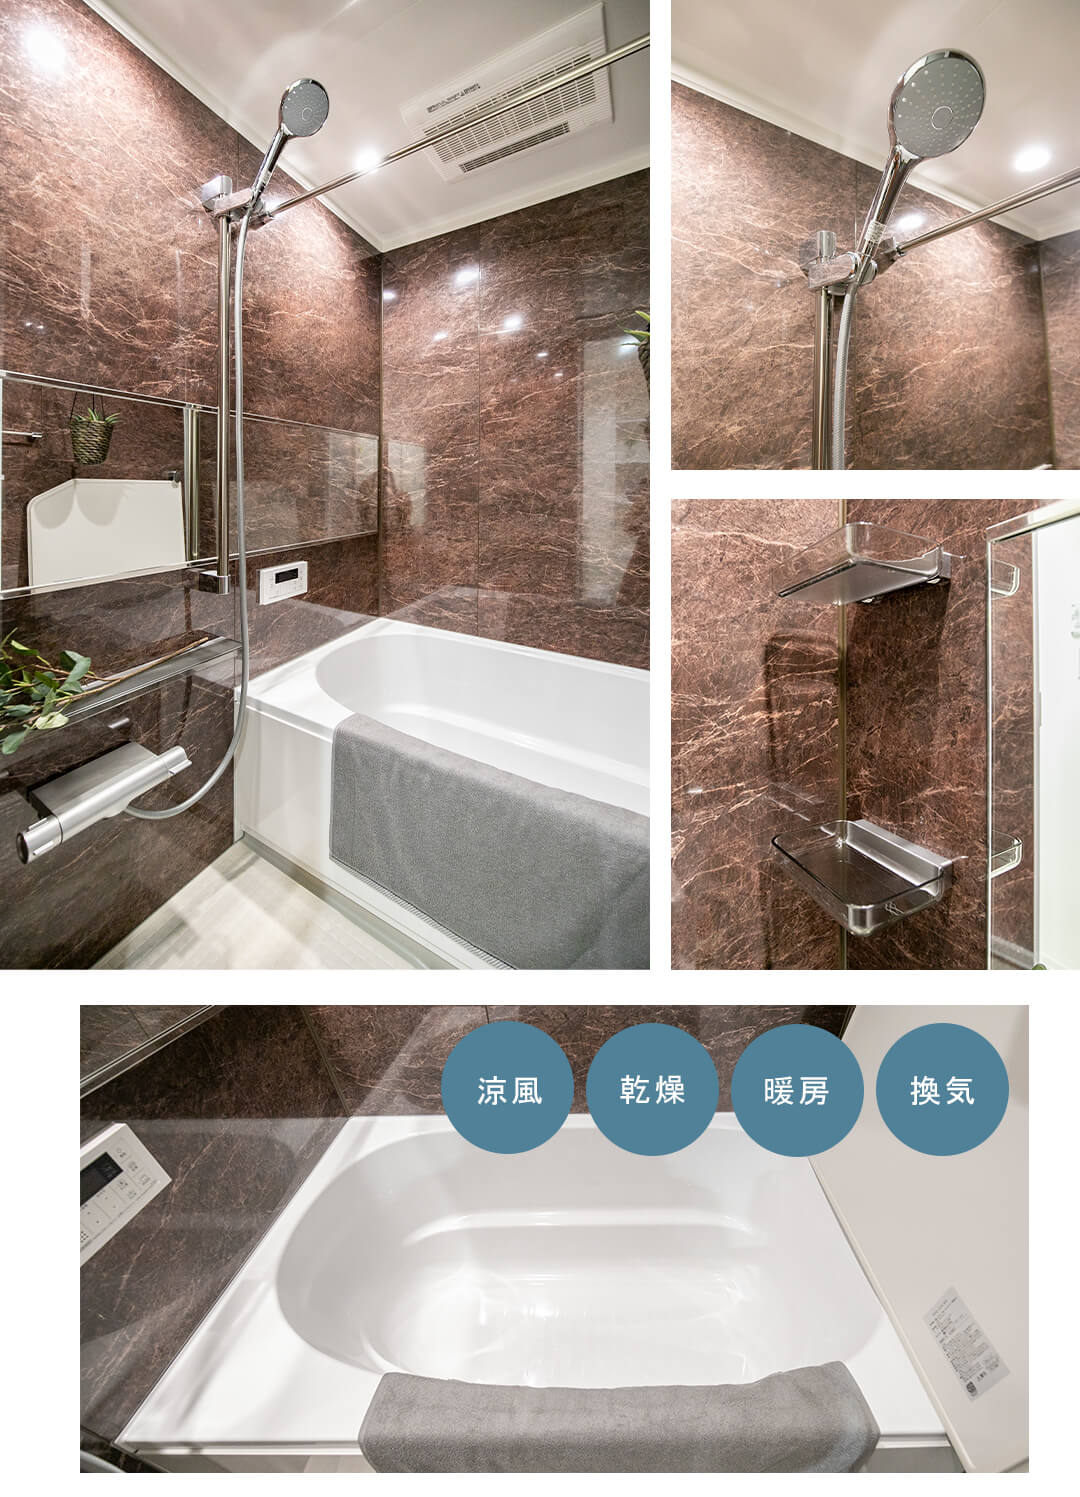 ソフトタウン南青山の浴室